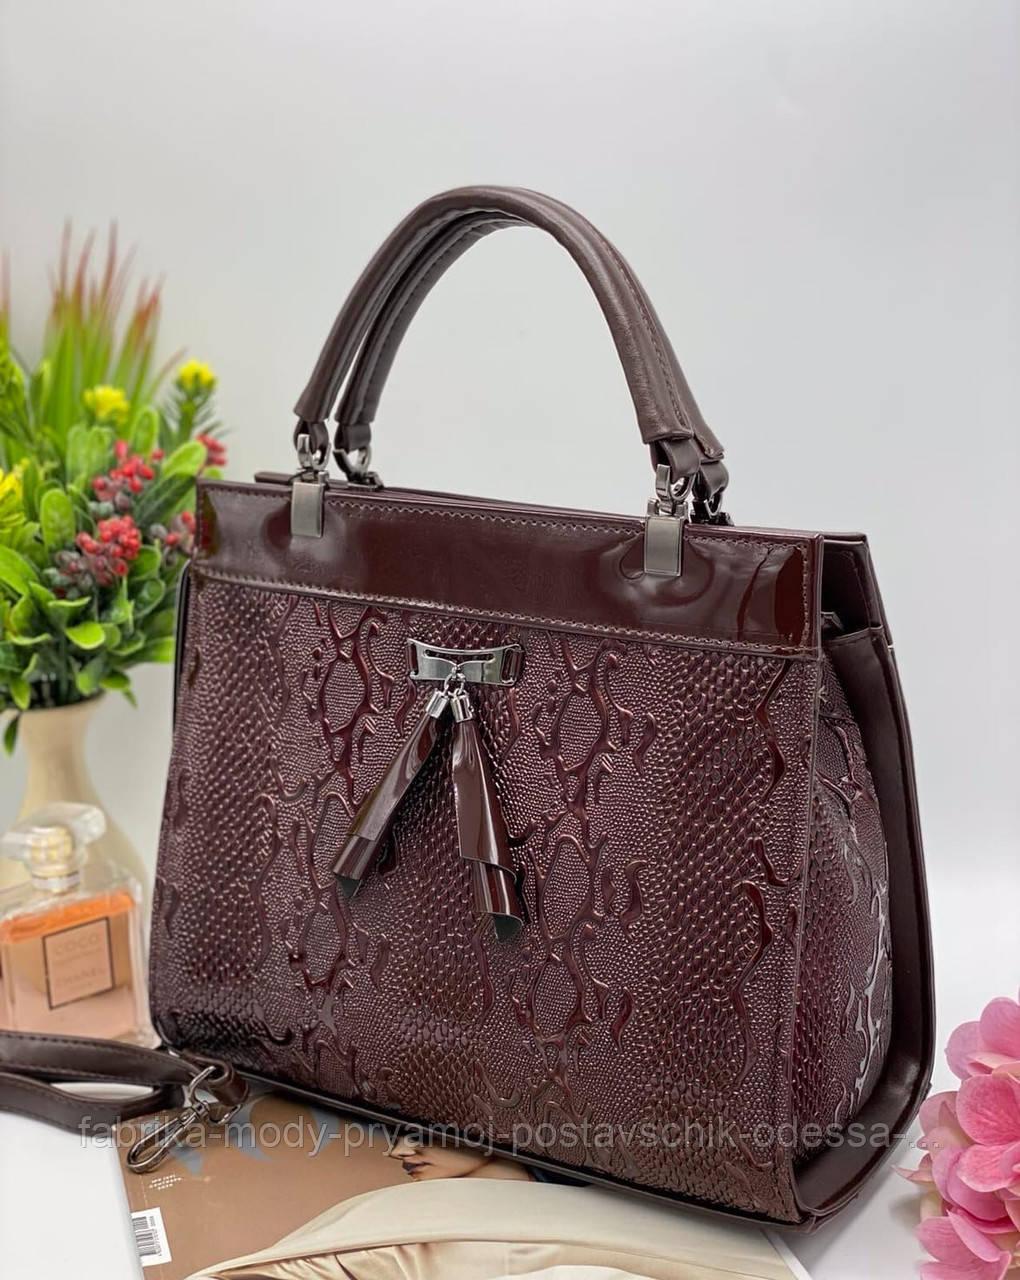 Женская Каркасная сумка Модель - 06-16 Фото реал Материал - PU (экокожа)